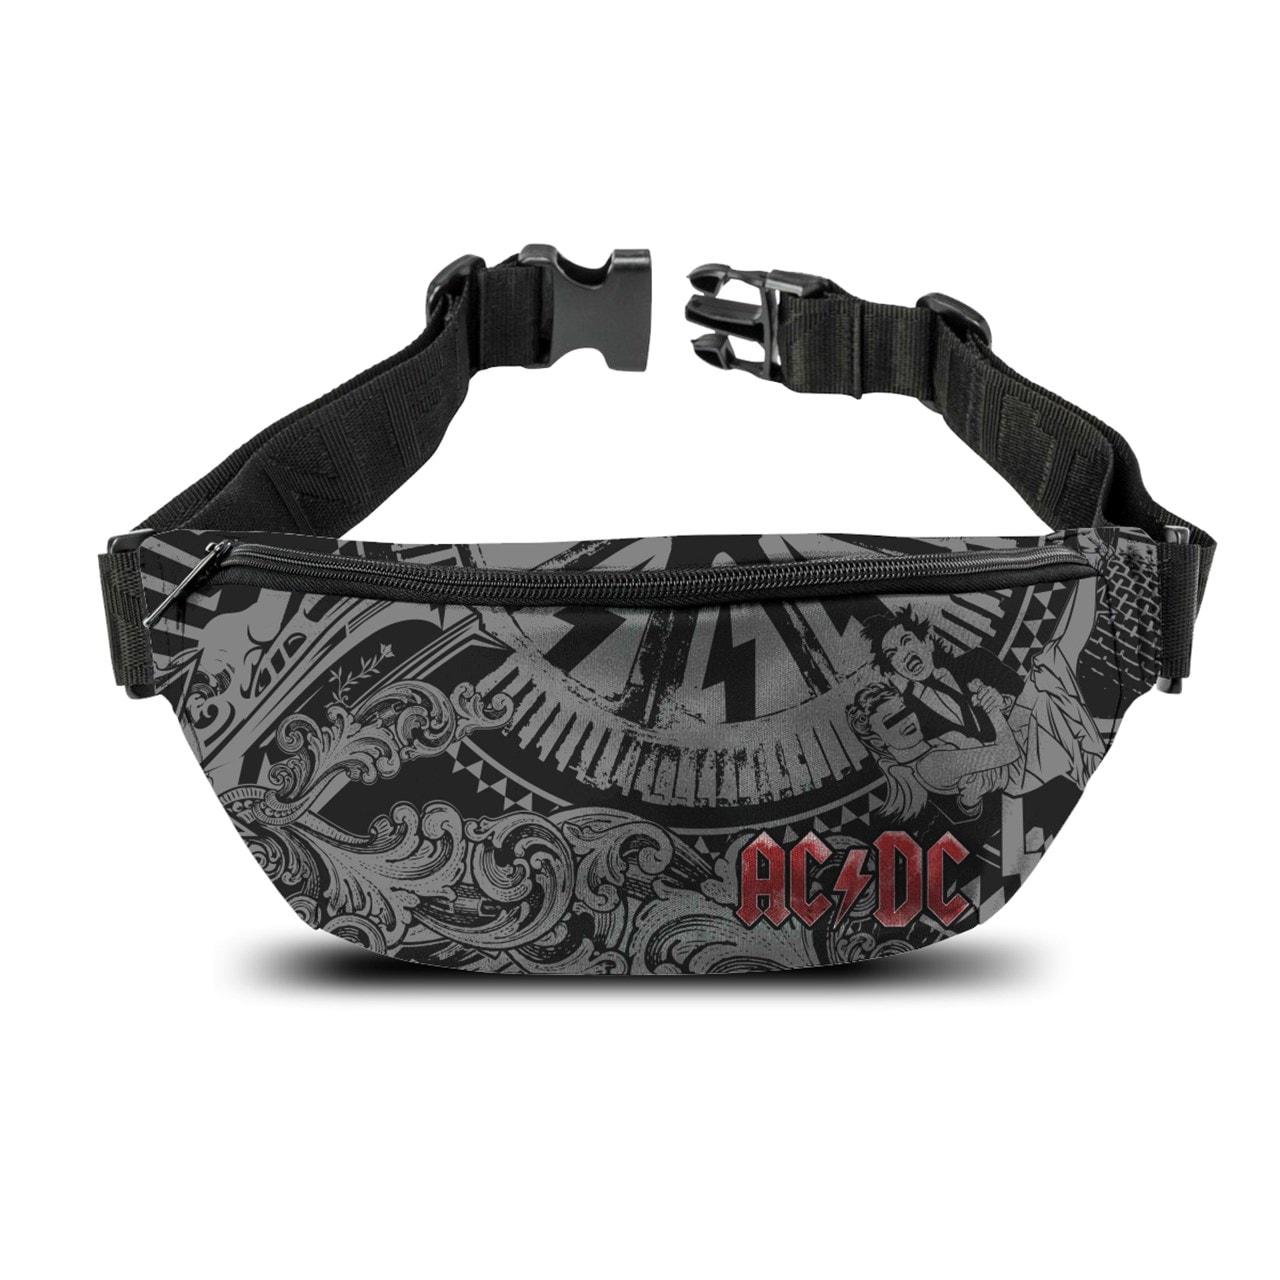 AC/DC: Decibel Bum Bag - 1